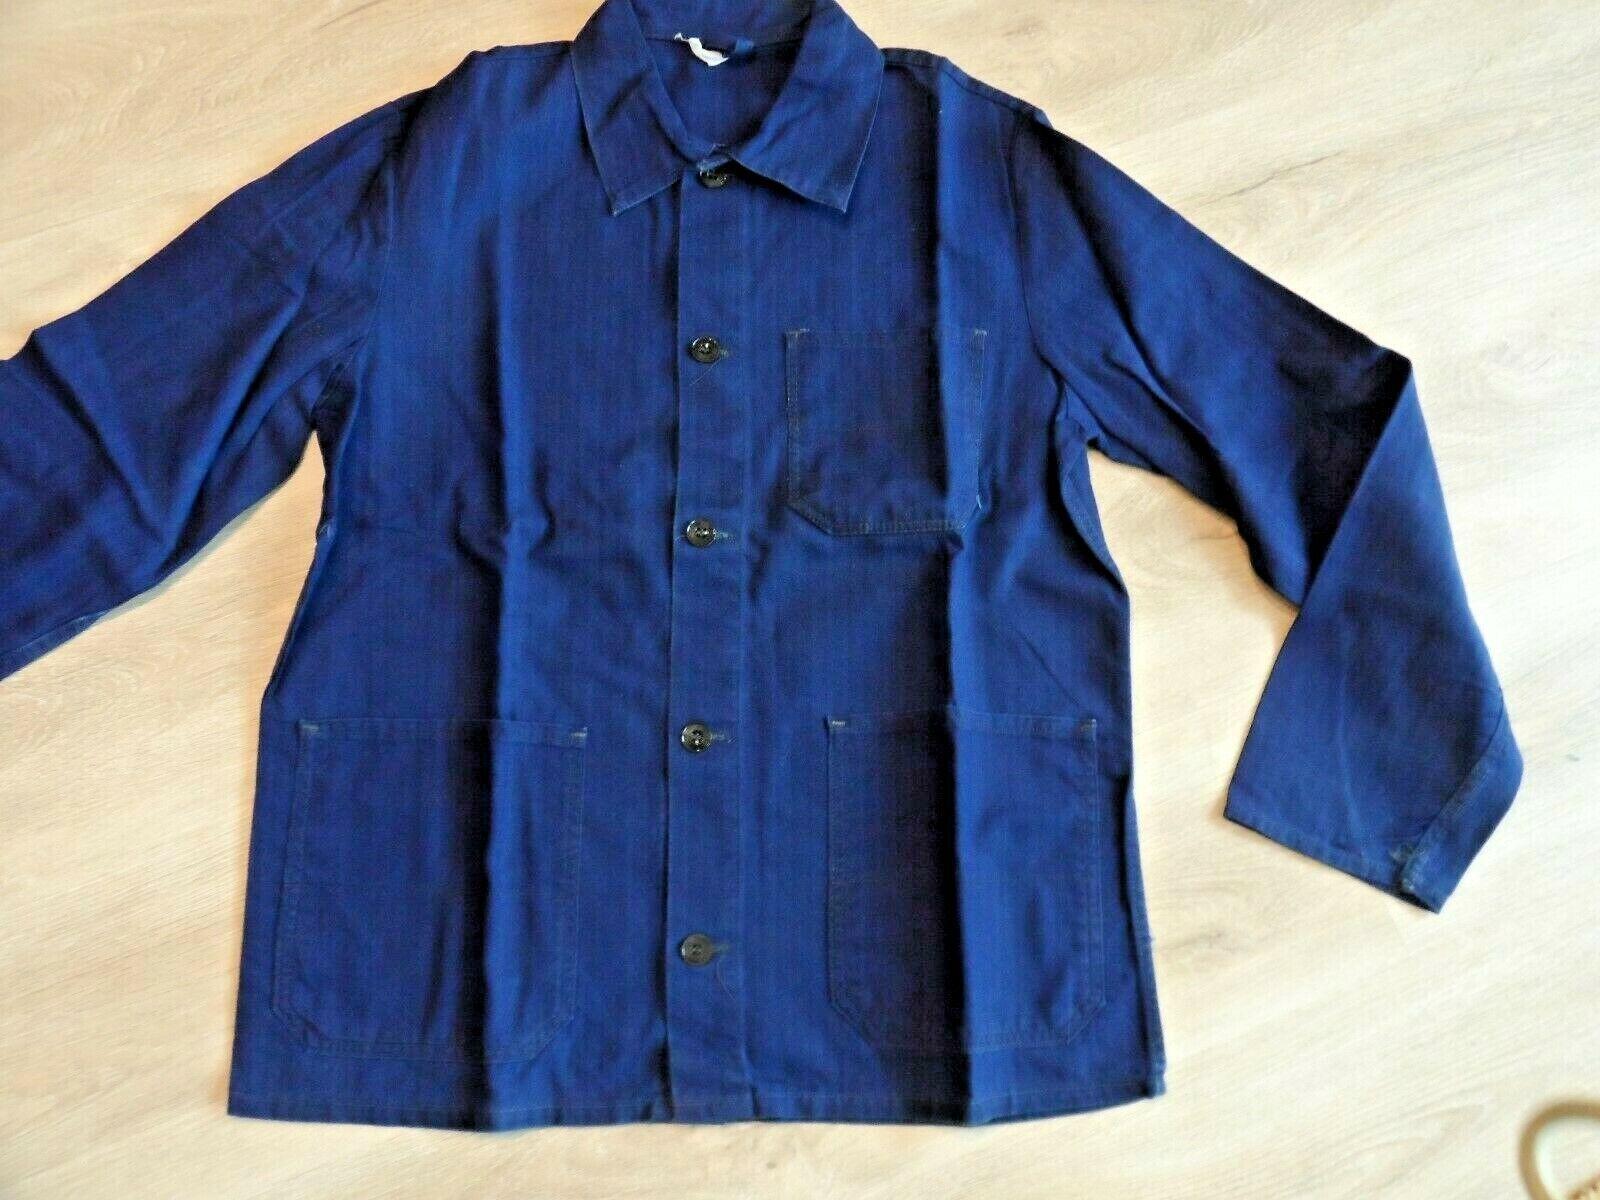 Arbeitsjacke  von Sanfor - Blau - Cotton/Baumwolle - Gr.48 - Neu!